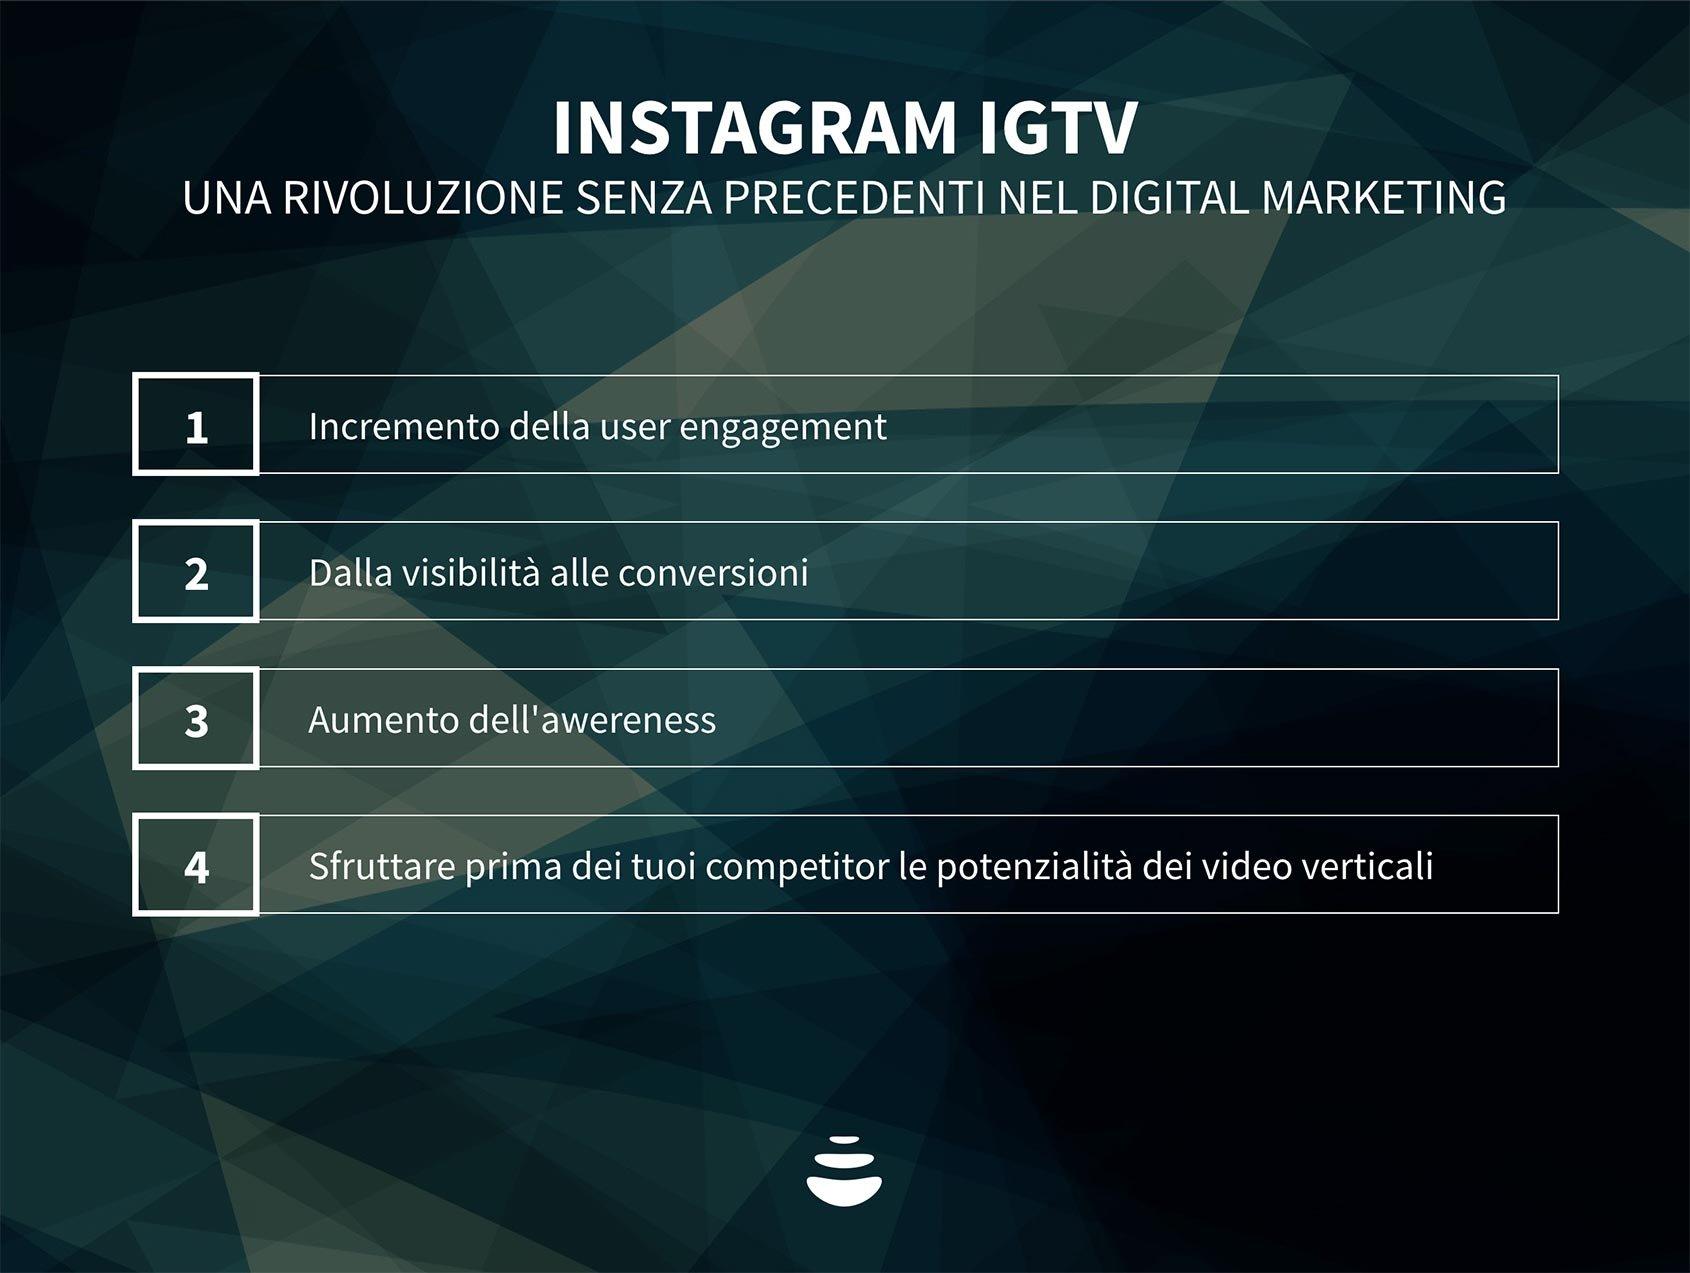 IGTV di Instagram: cosa devono sapere i brand per iniziare